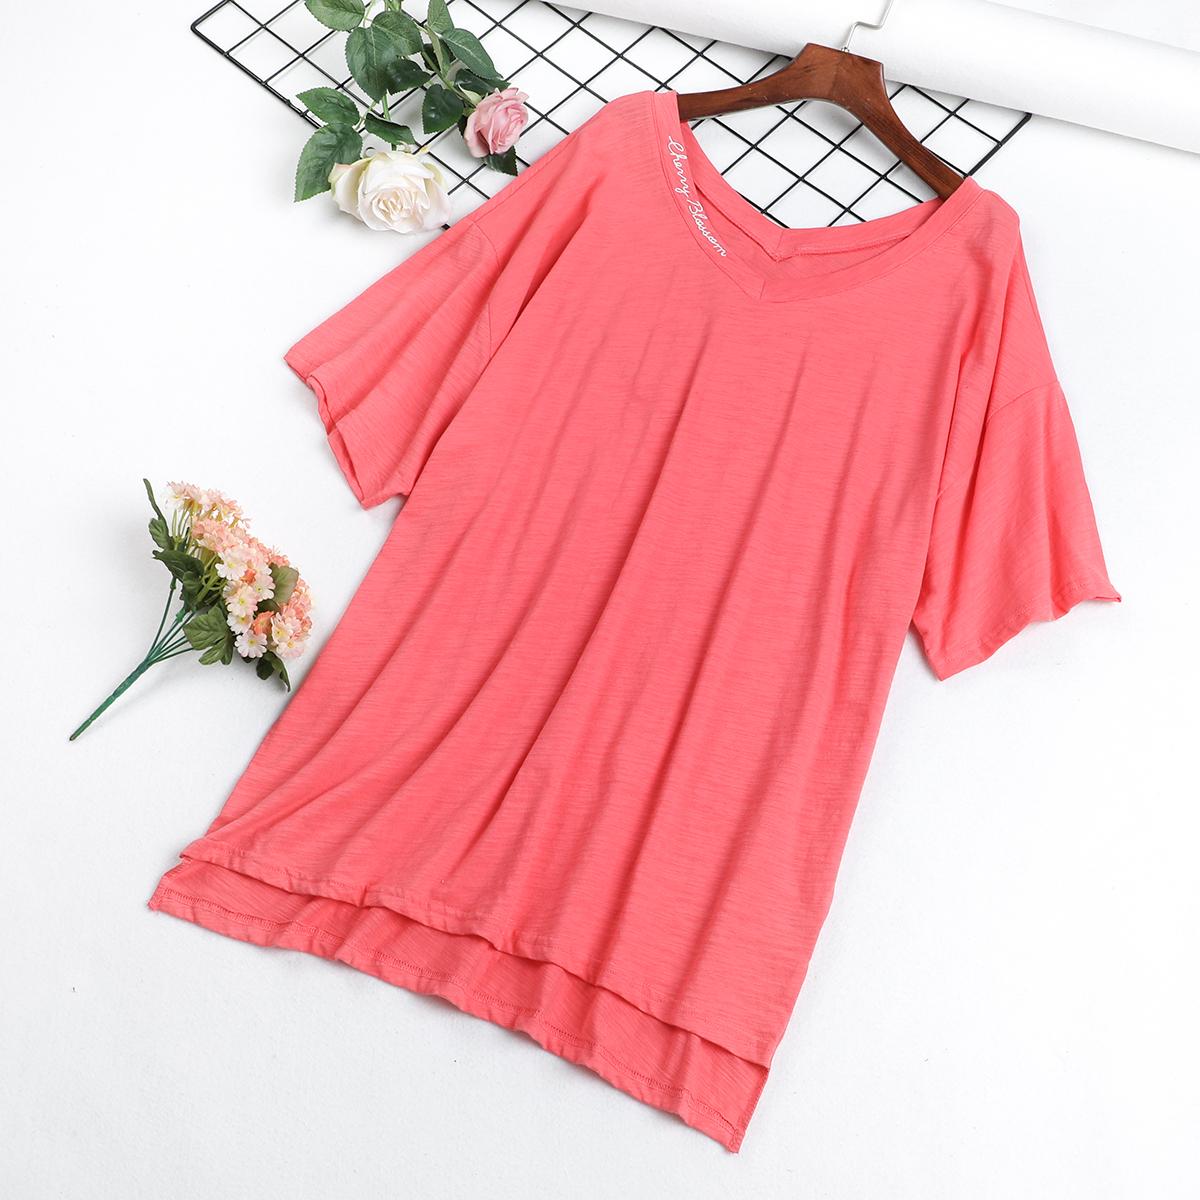 R5 mùa hè mới Hàn Quốc phiên bản của bức thư thêu ngắn tay V-Cổ lỏng t-shirt nữ dài trước khi ngắn dài áo đa năng thủy triều